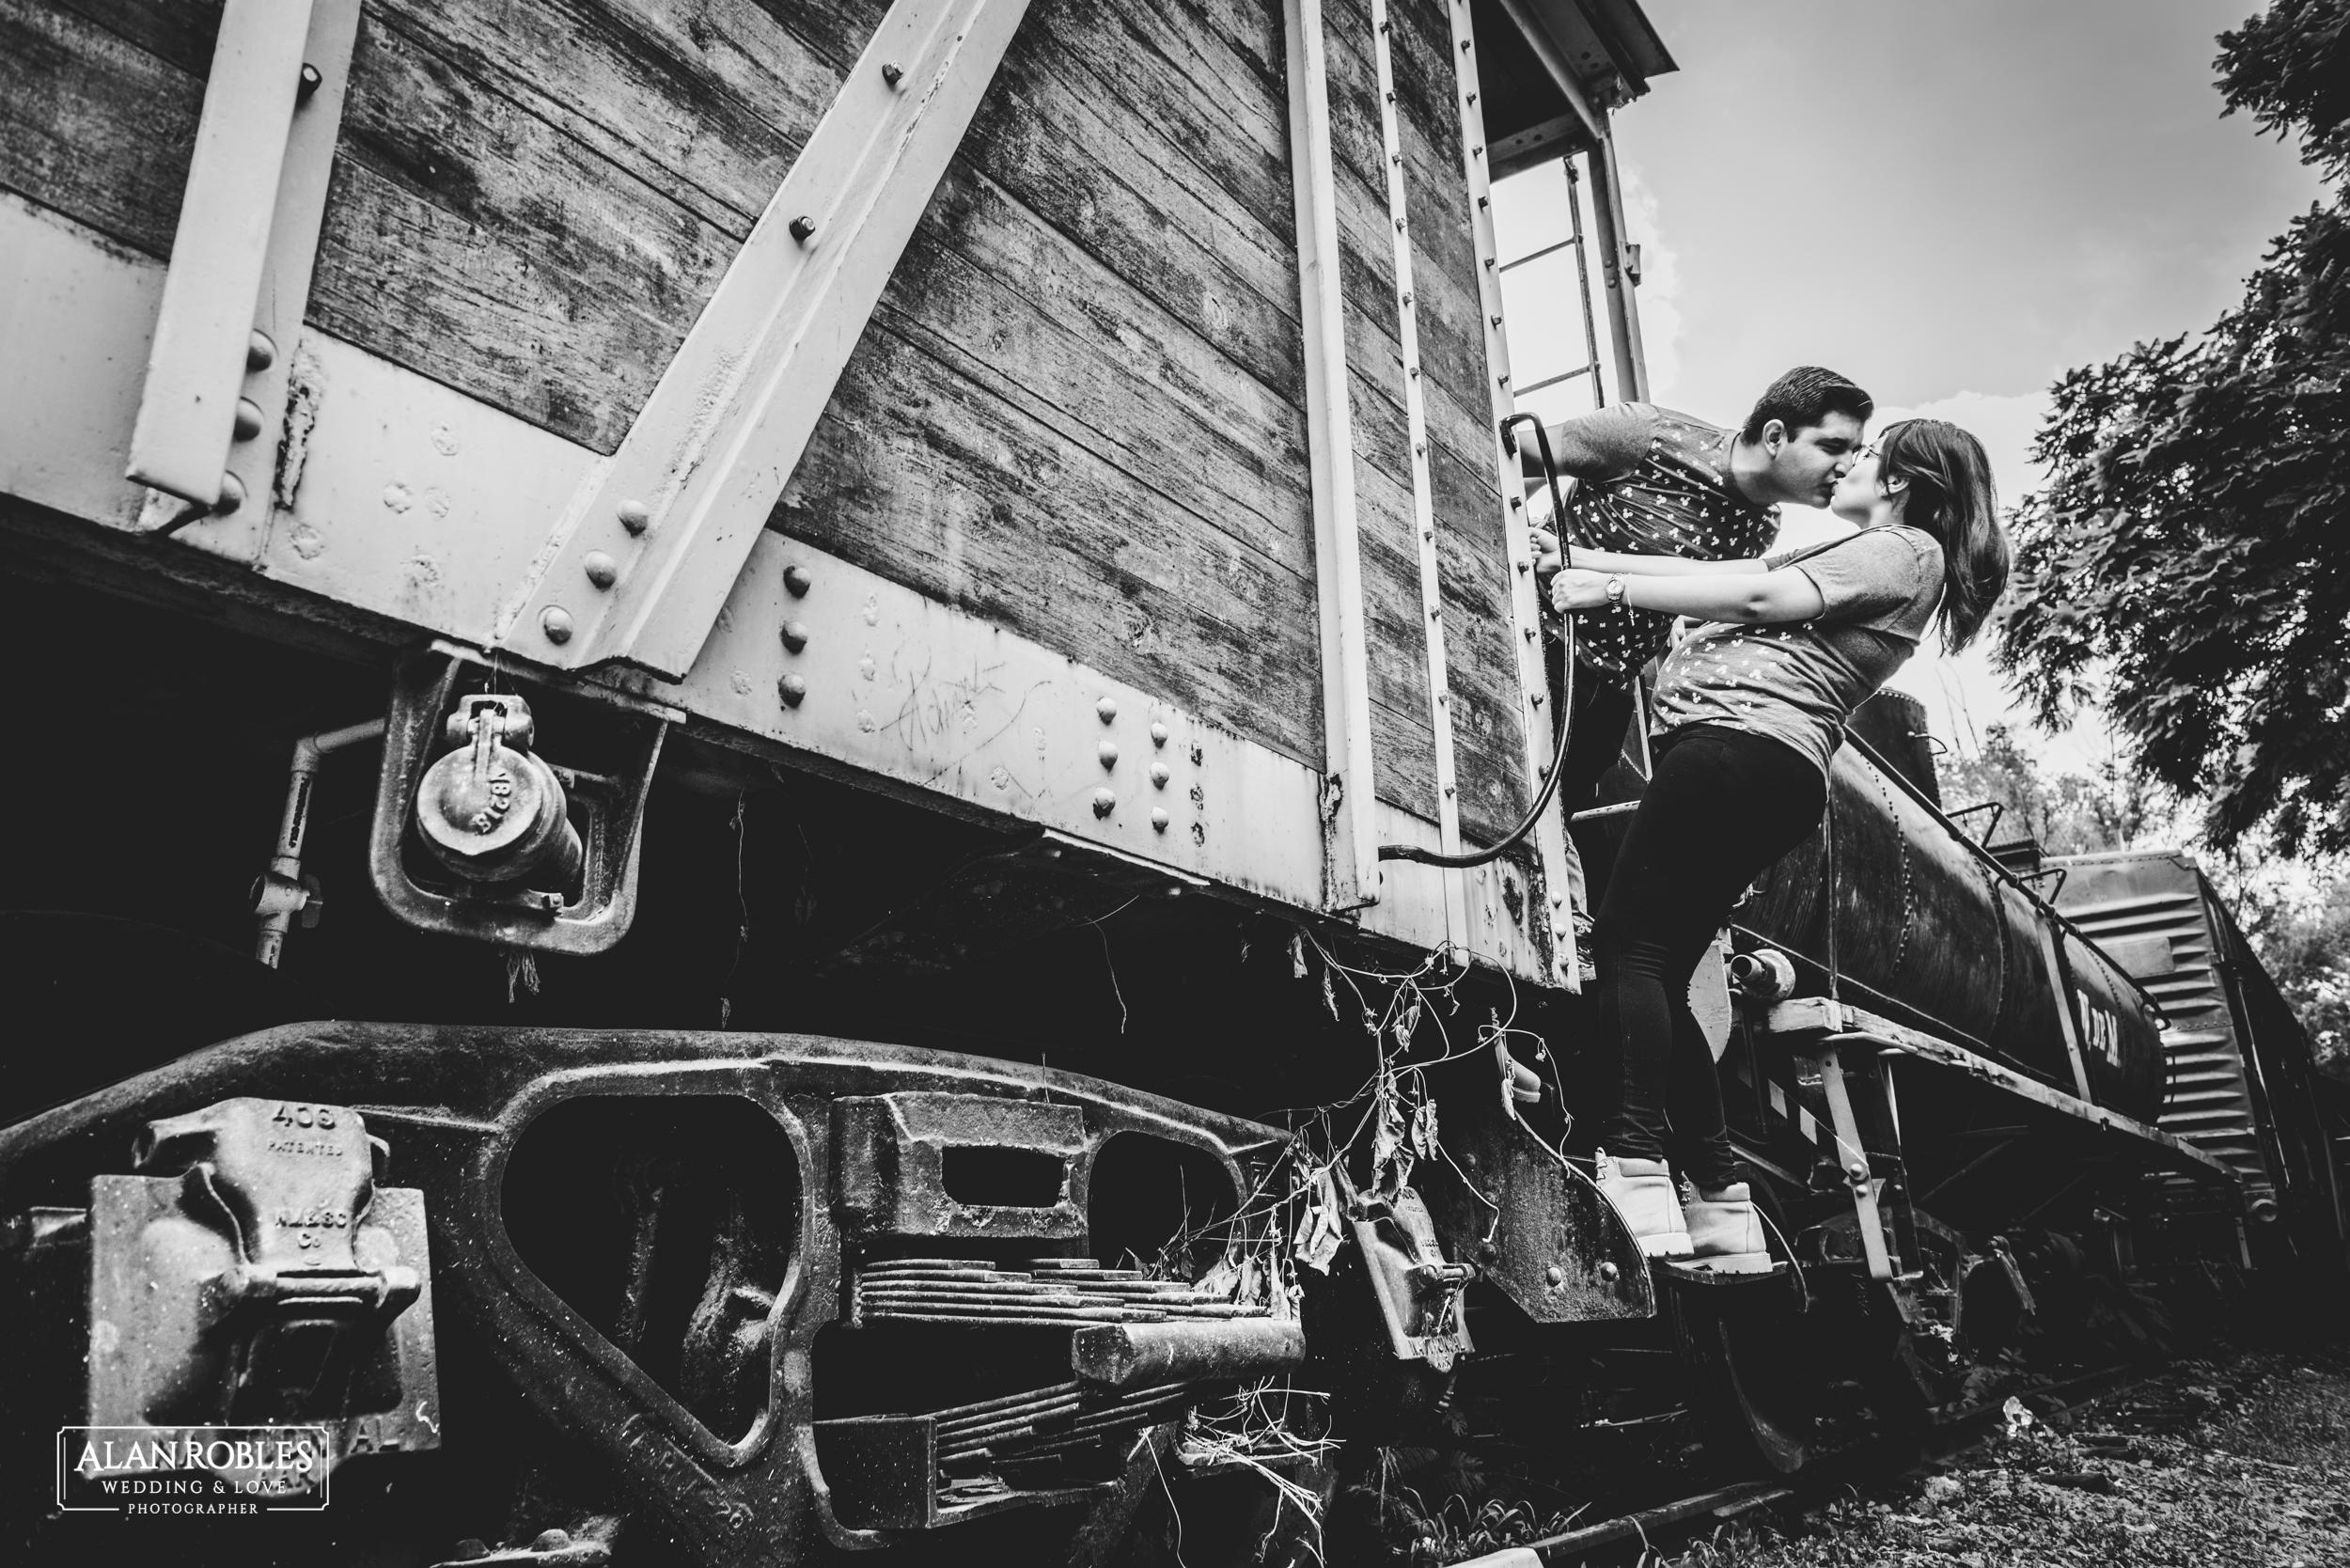 Vagon de tren - Alan Robles Fotografo de bodas en Guadalajara